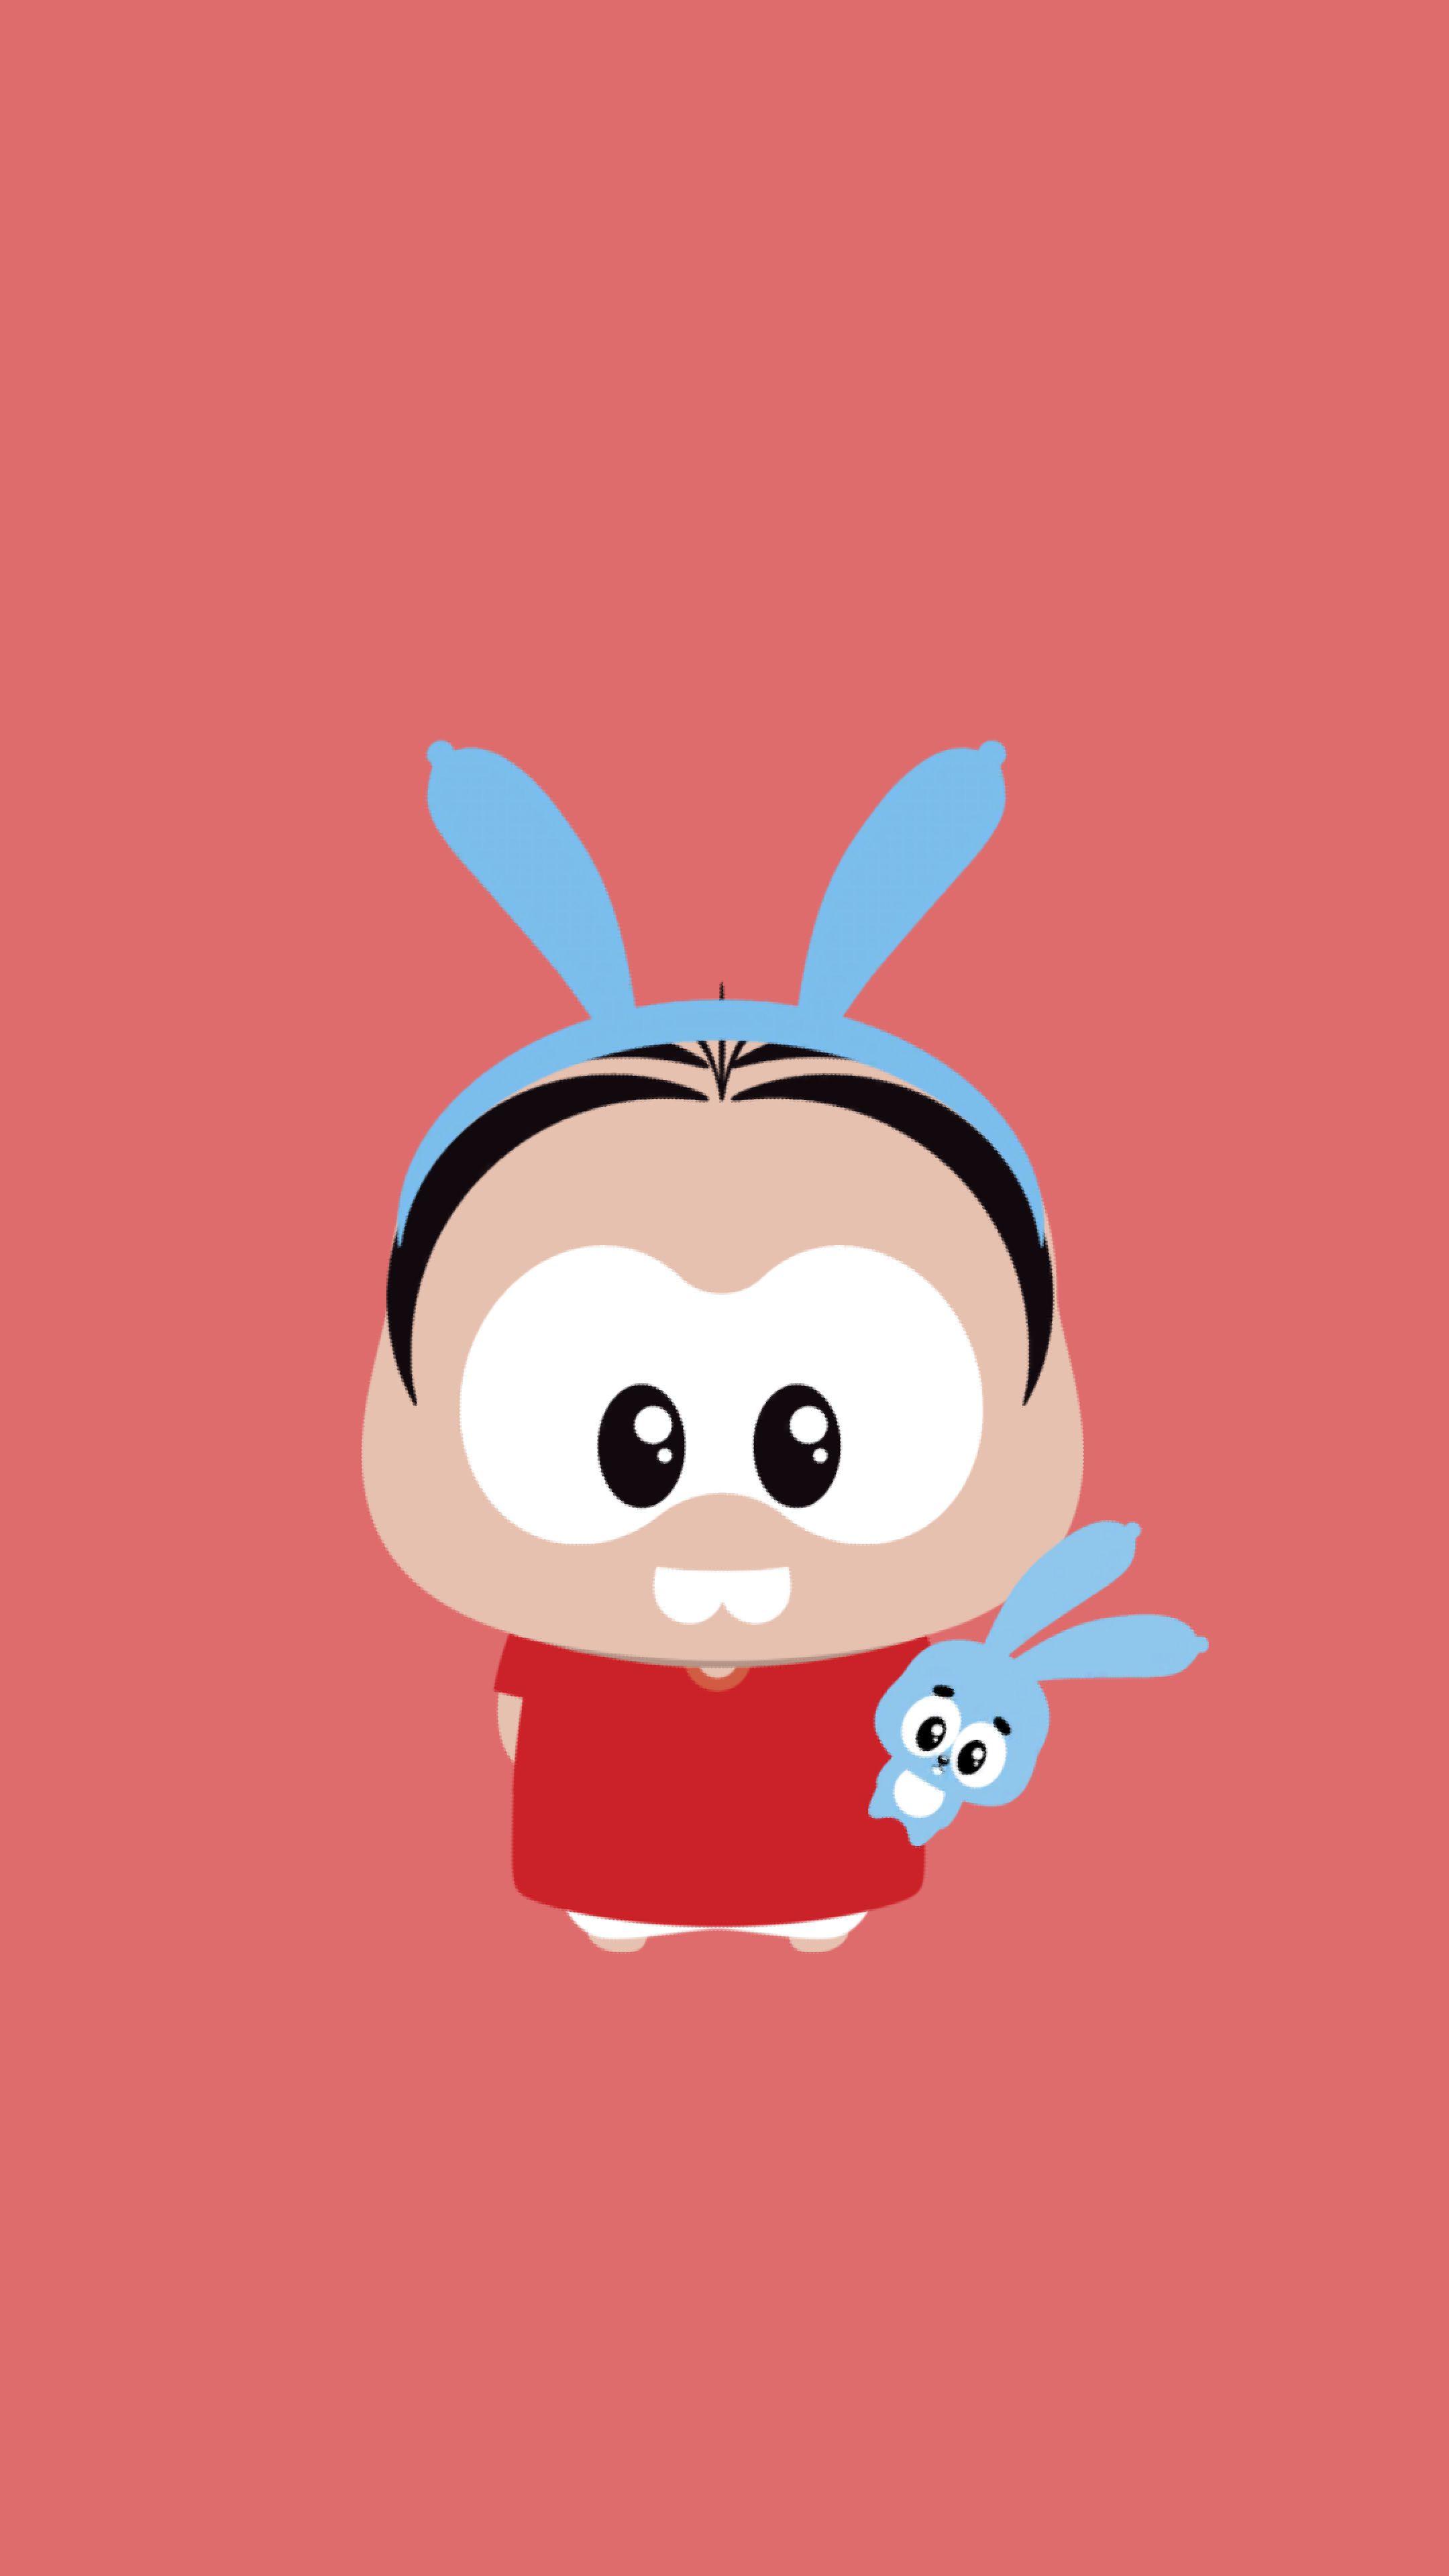 Olha So O Meu Avatar Da Turma Da Monica Toy Com Imagens Turma